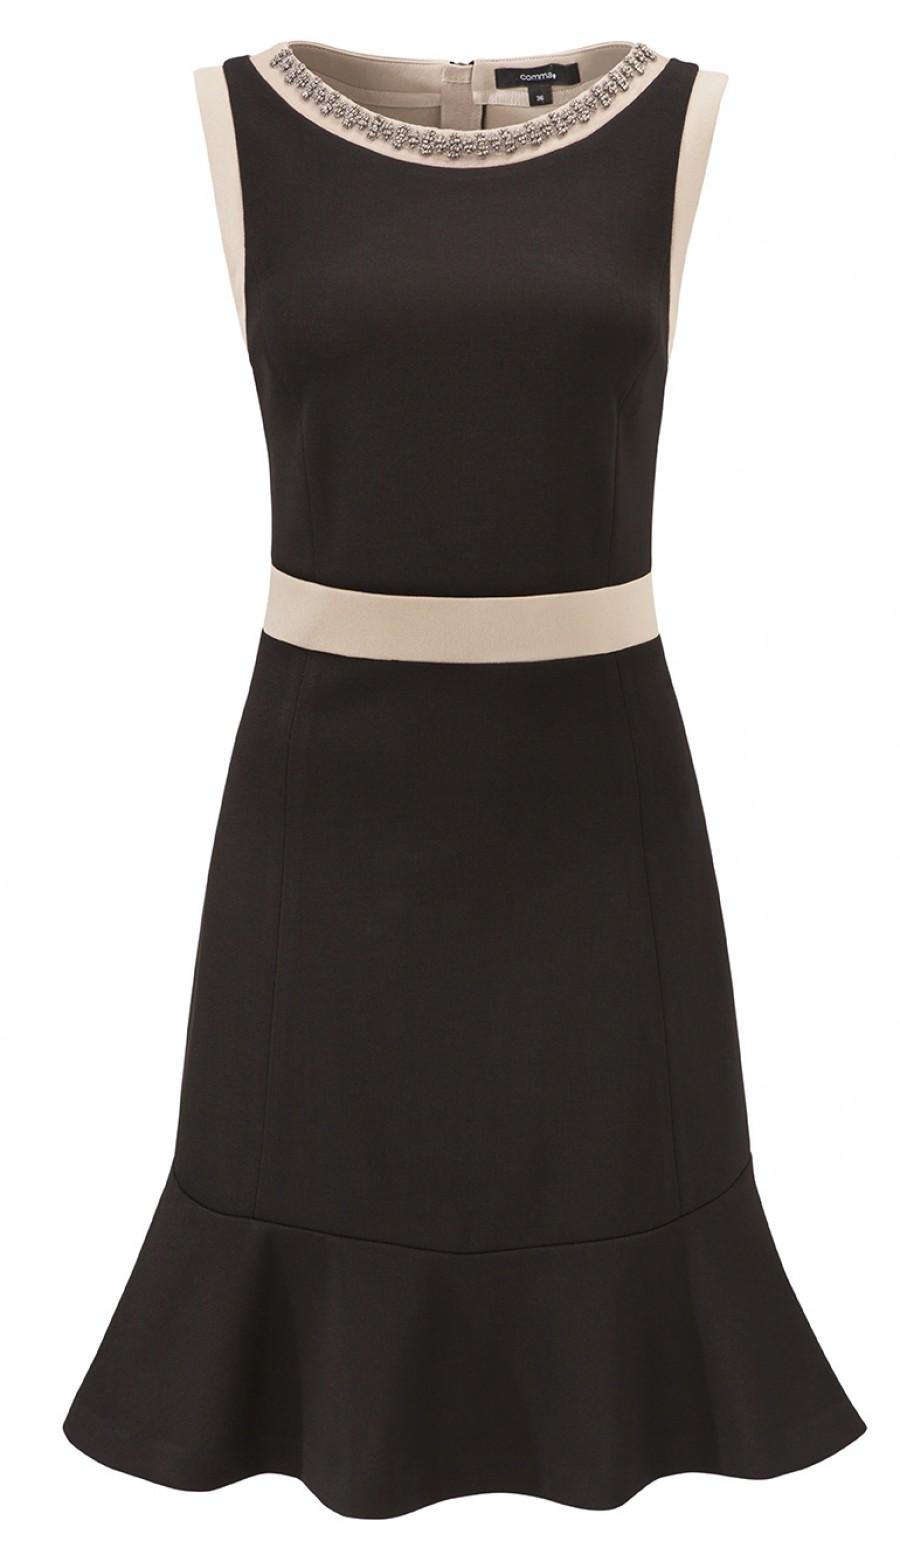 Cocktail-Kleid von Comma zu gewinnen - Modepilot.de  Modepilot.de